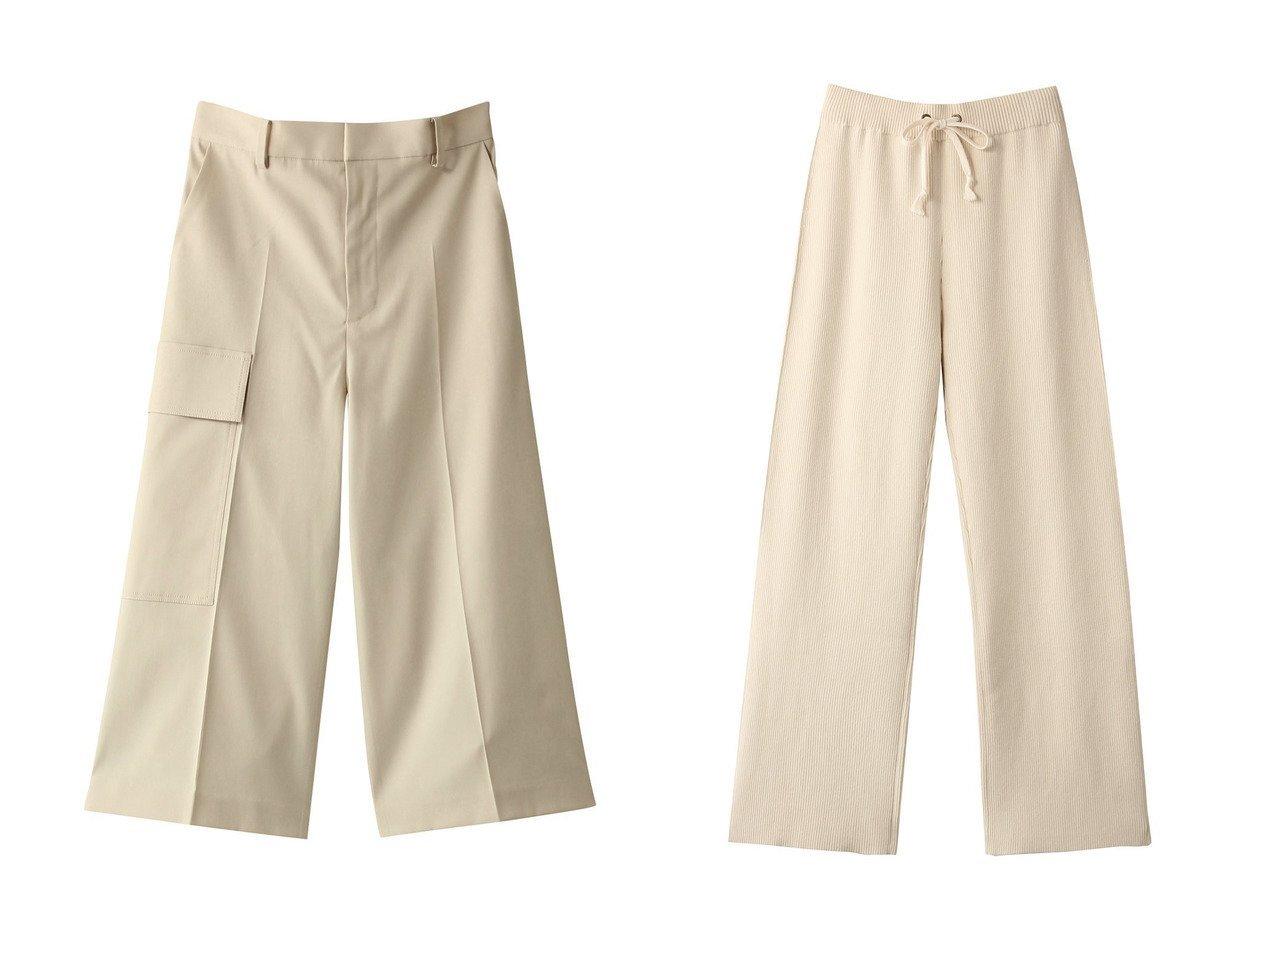 【Shinzone/シンゾーン】のコットンカシミヤニットパンツ&【LE CIEL BLEU/ルシェル ブルー】のユーティリティショーツ パンツのおすすめ!人気、レディースファッションの通販 おすすめで人気のファッション通販商品 インテリア・家具・キッズファッション・メンズファッション・レディースファッション・服の通販 founy(ファニー) https://founy.com/ ファッション Fashion レディース WOMEN パンツ Pants ハーフ / ショートパンツ Short Pants ショーツ ショート センター ポケット 人気 今季  ID:crp329100000000189